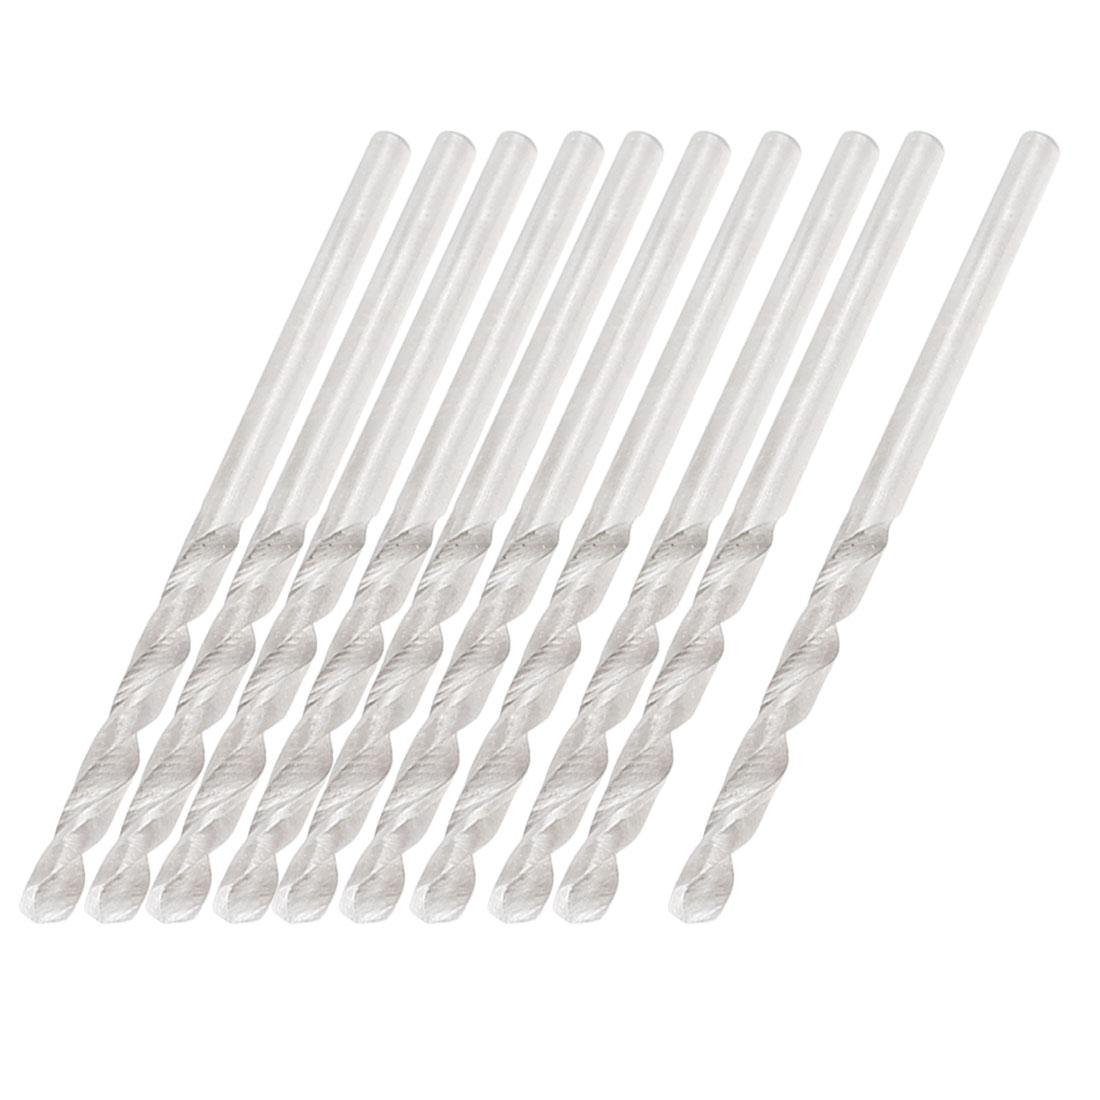 Straight Shank 2.3mm Diameter HSS Twist Drill Drilling Hole Bits 10 Pcs